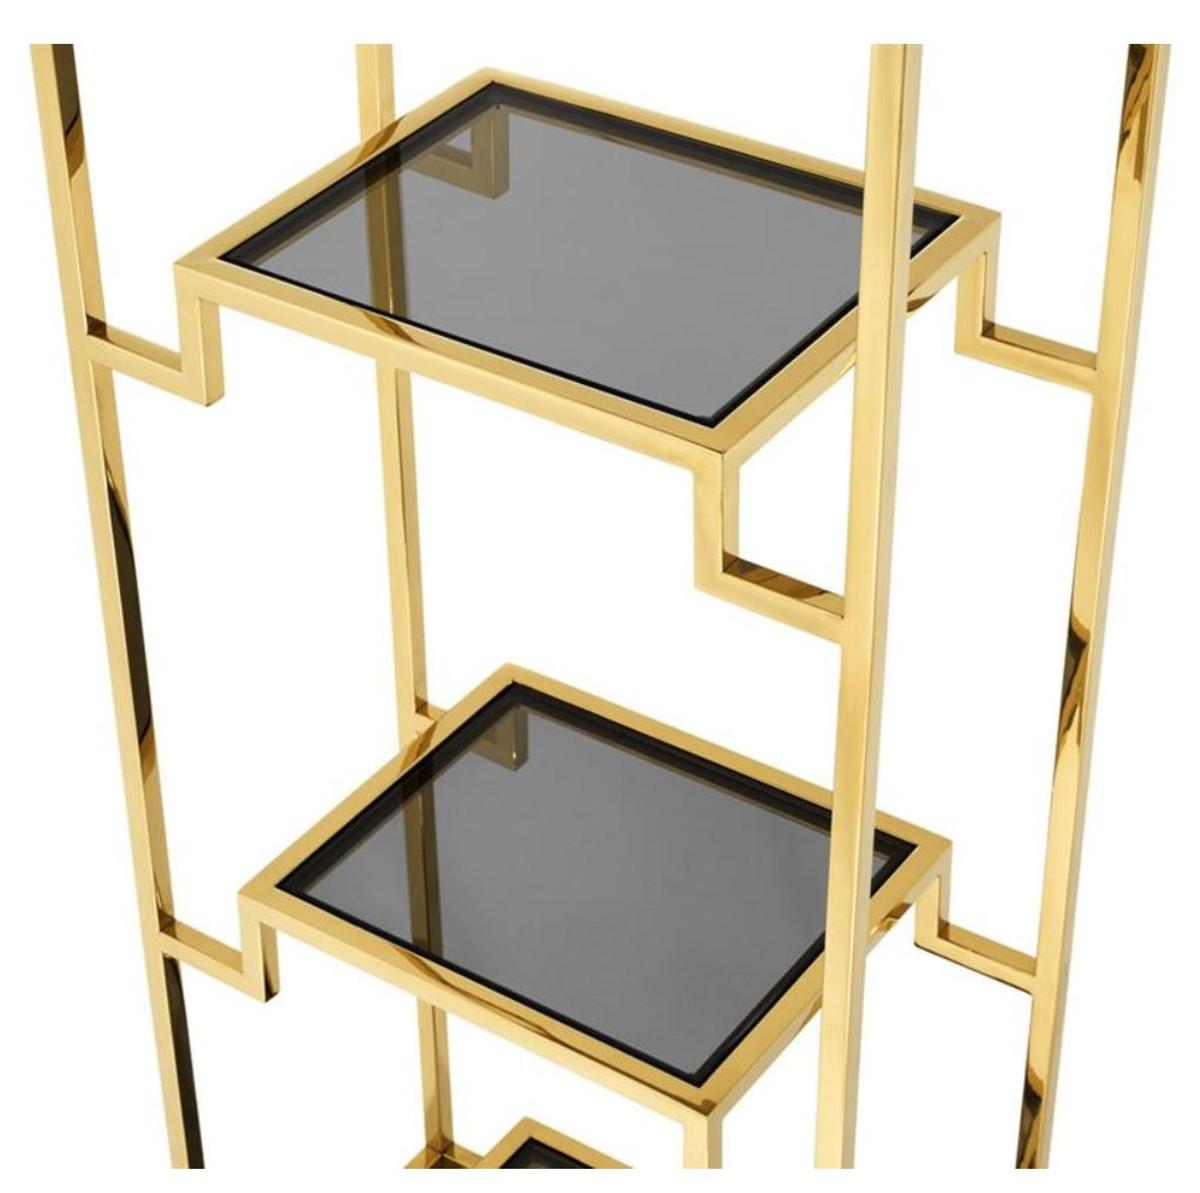 Casa Padrino Wohnzimmer Regalschrank Gold / Schwarz 45,5 x 25,5 x H. 221 cm - Luxus Wohnzimmerschrank 3